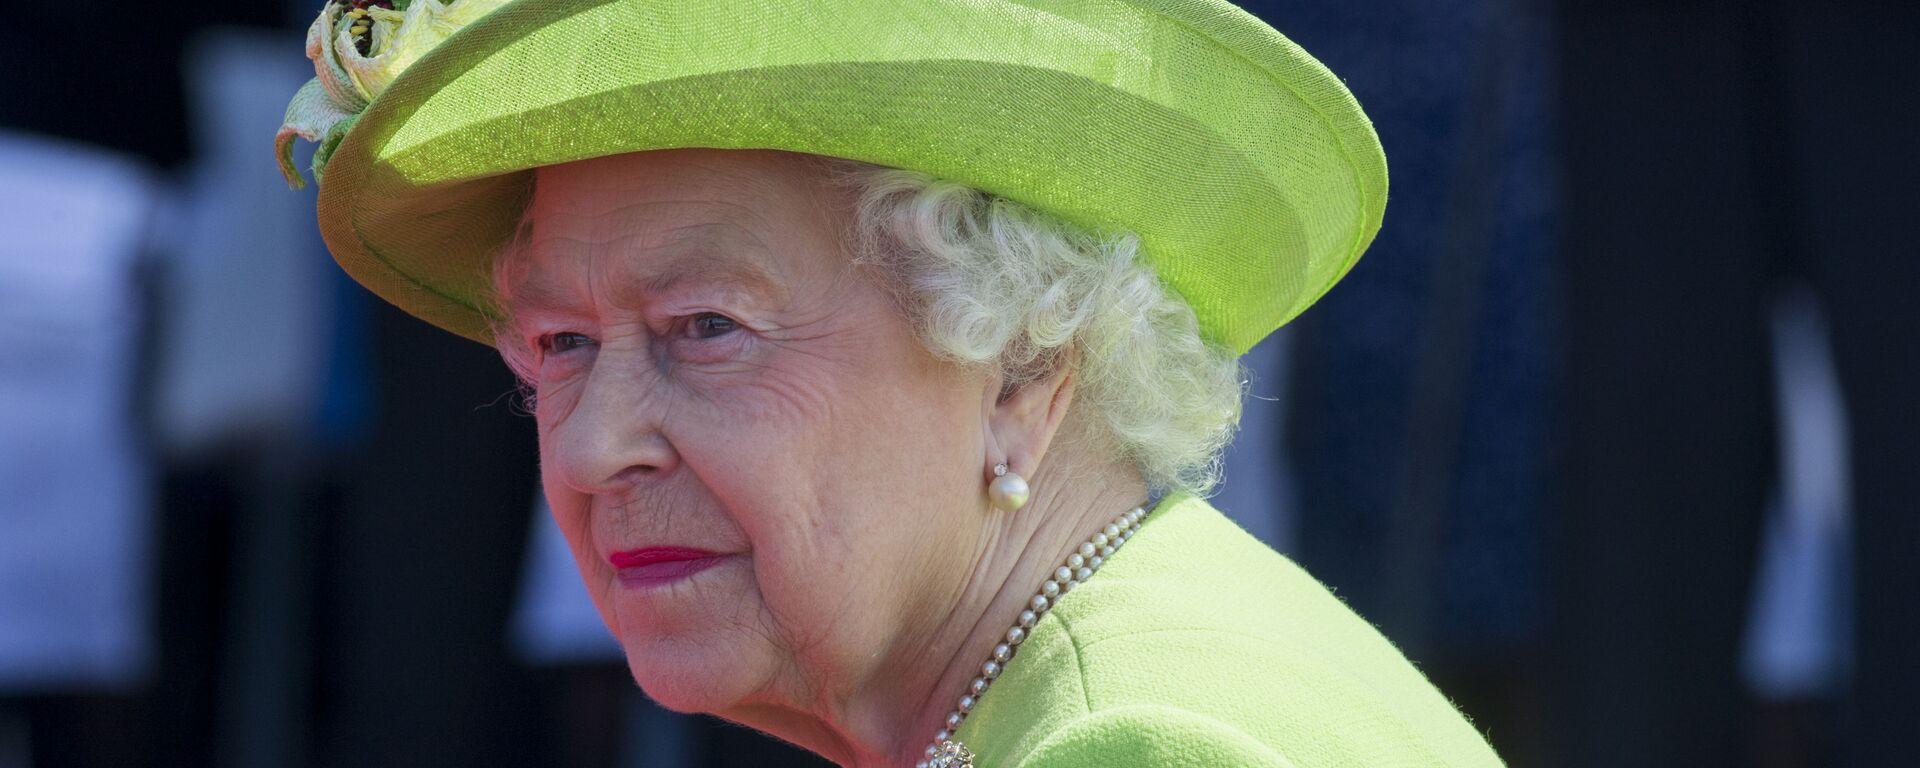 Isabel II, reina de Reino Unido - Sputnik Mundo, 1920, 30.08.2020